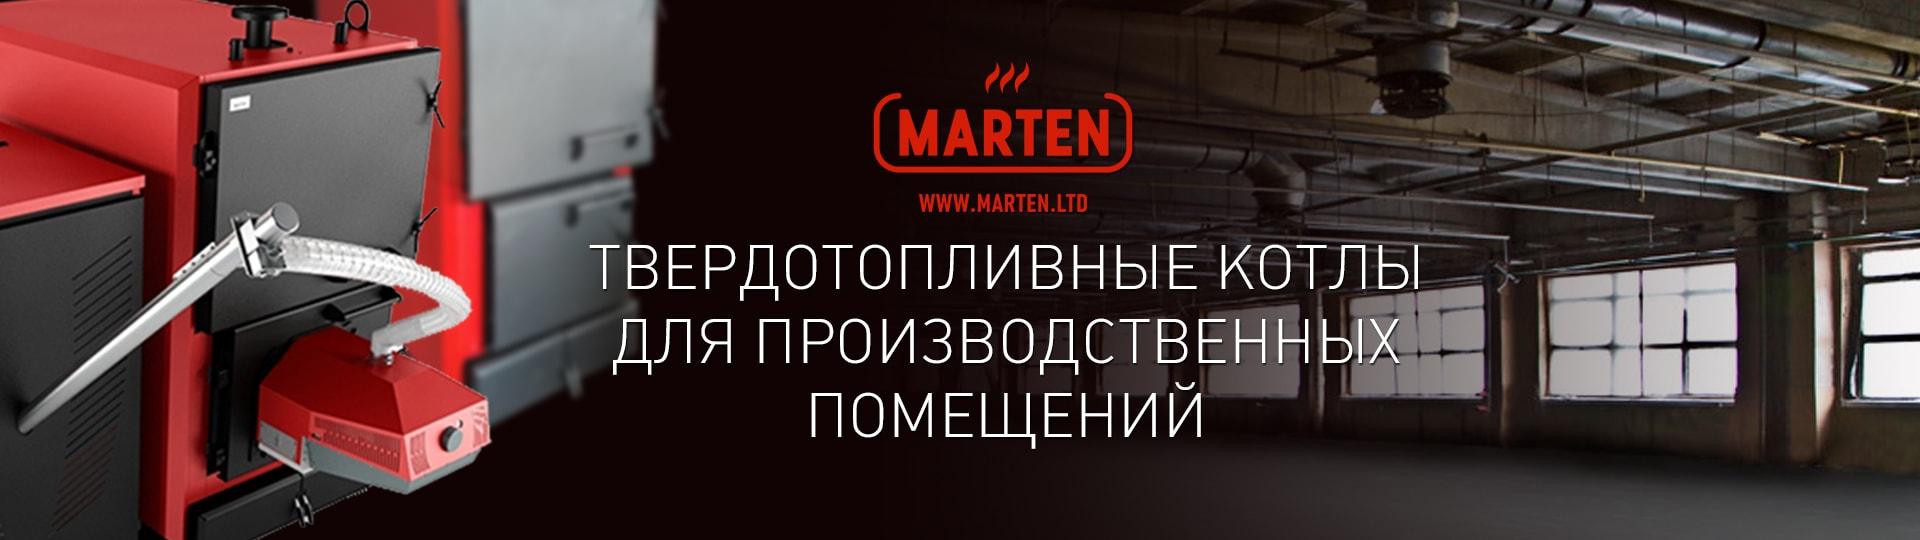 Твердотопливные котлы Marten для производственных помещений